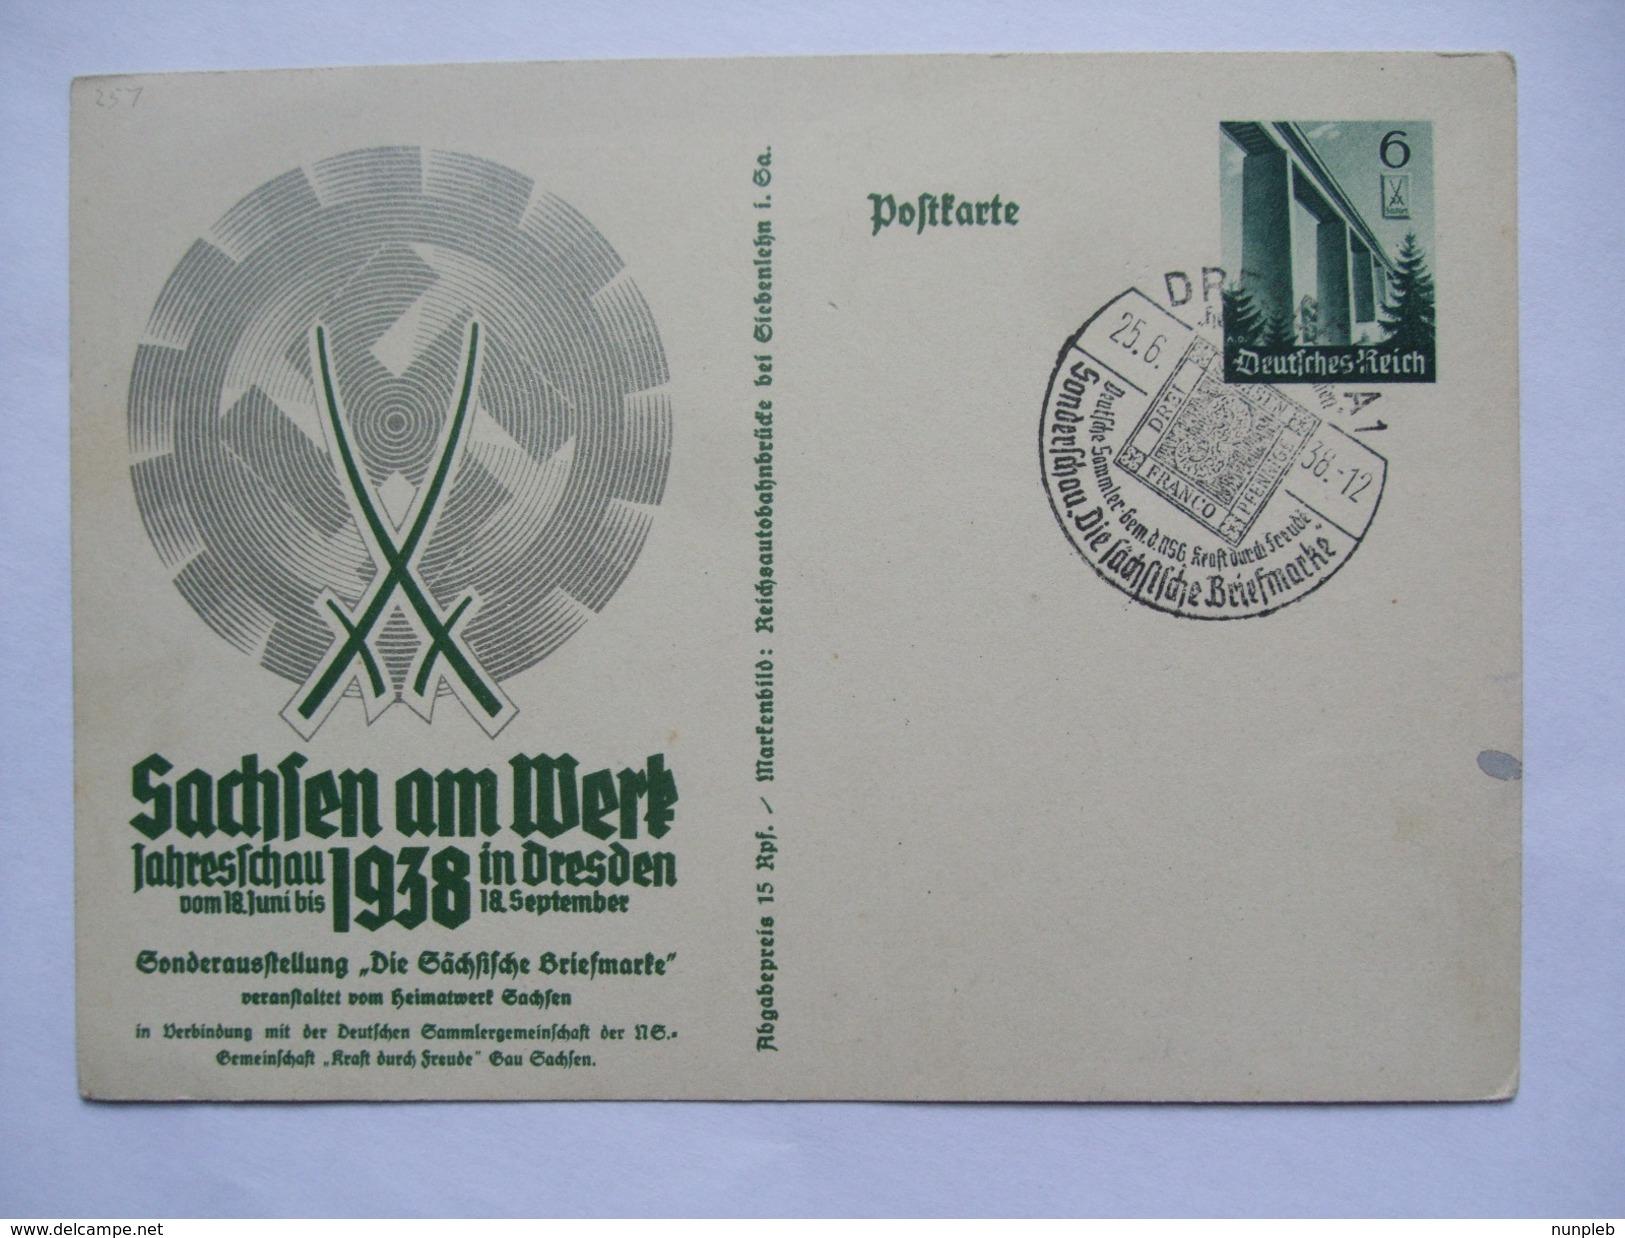 GERMANY 1938 POSTKARTE SACHSEN AM WERK JAHRESSCHAU IN DRESDEN MIT DRESDEN SONDERSTEMPEL - Deutschland